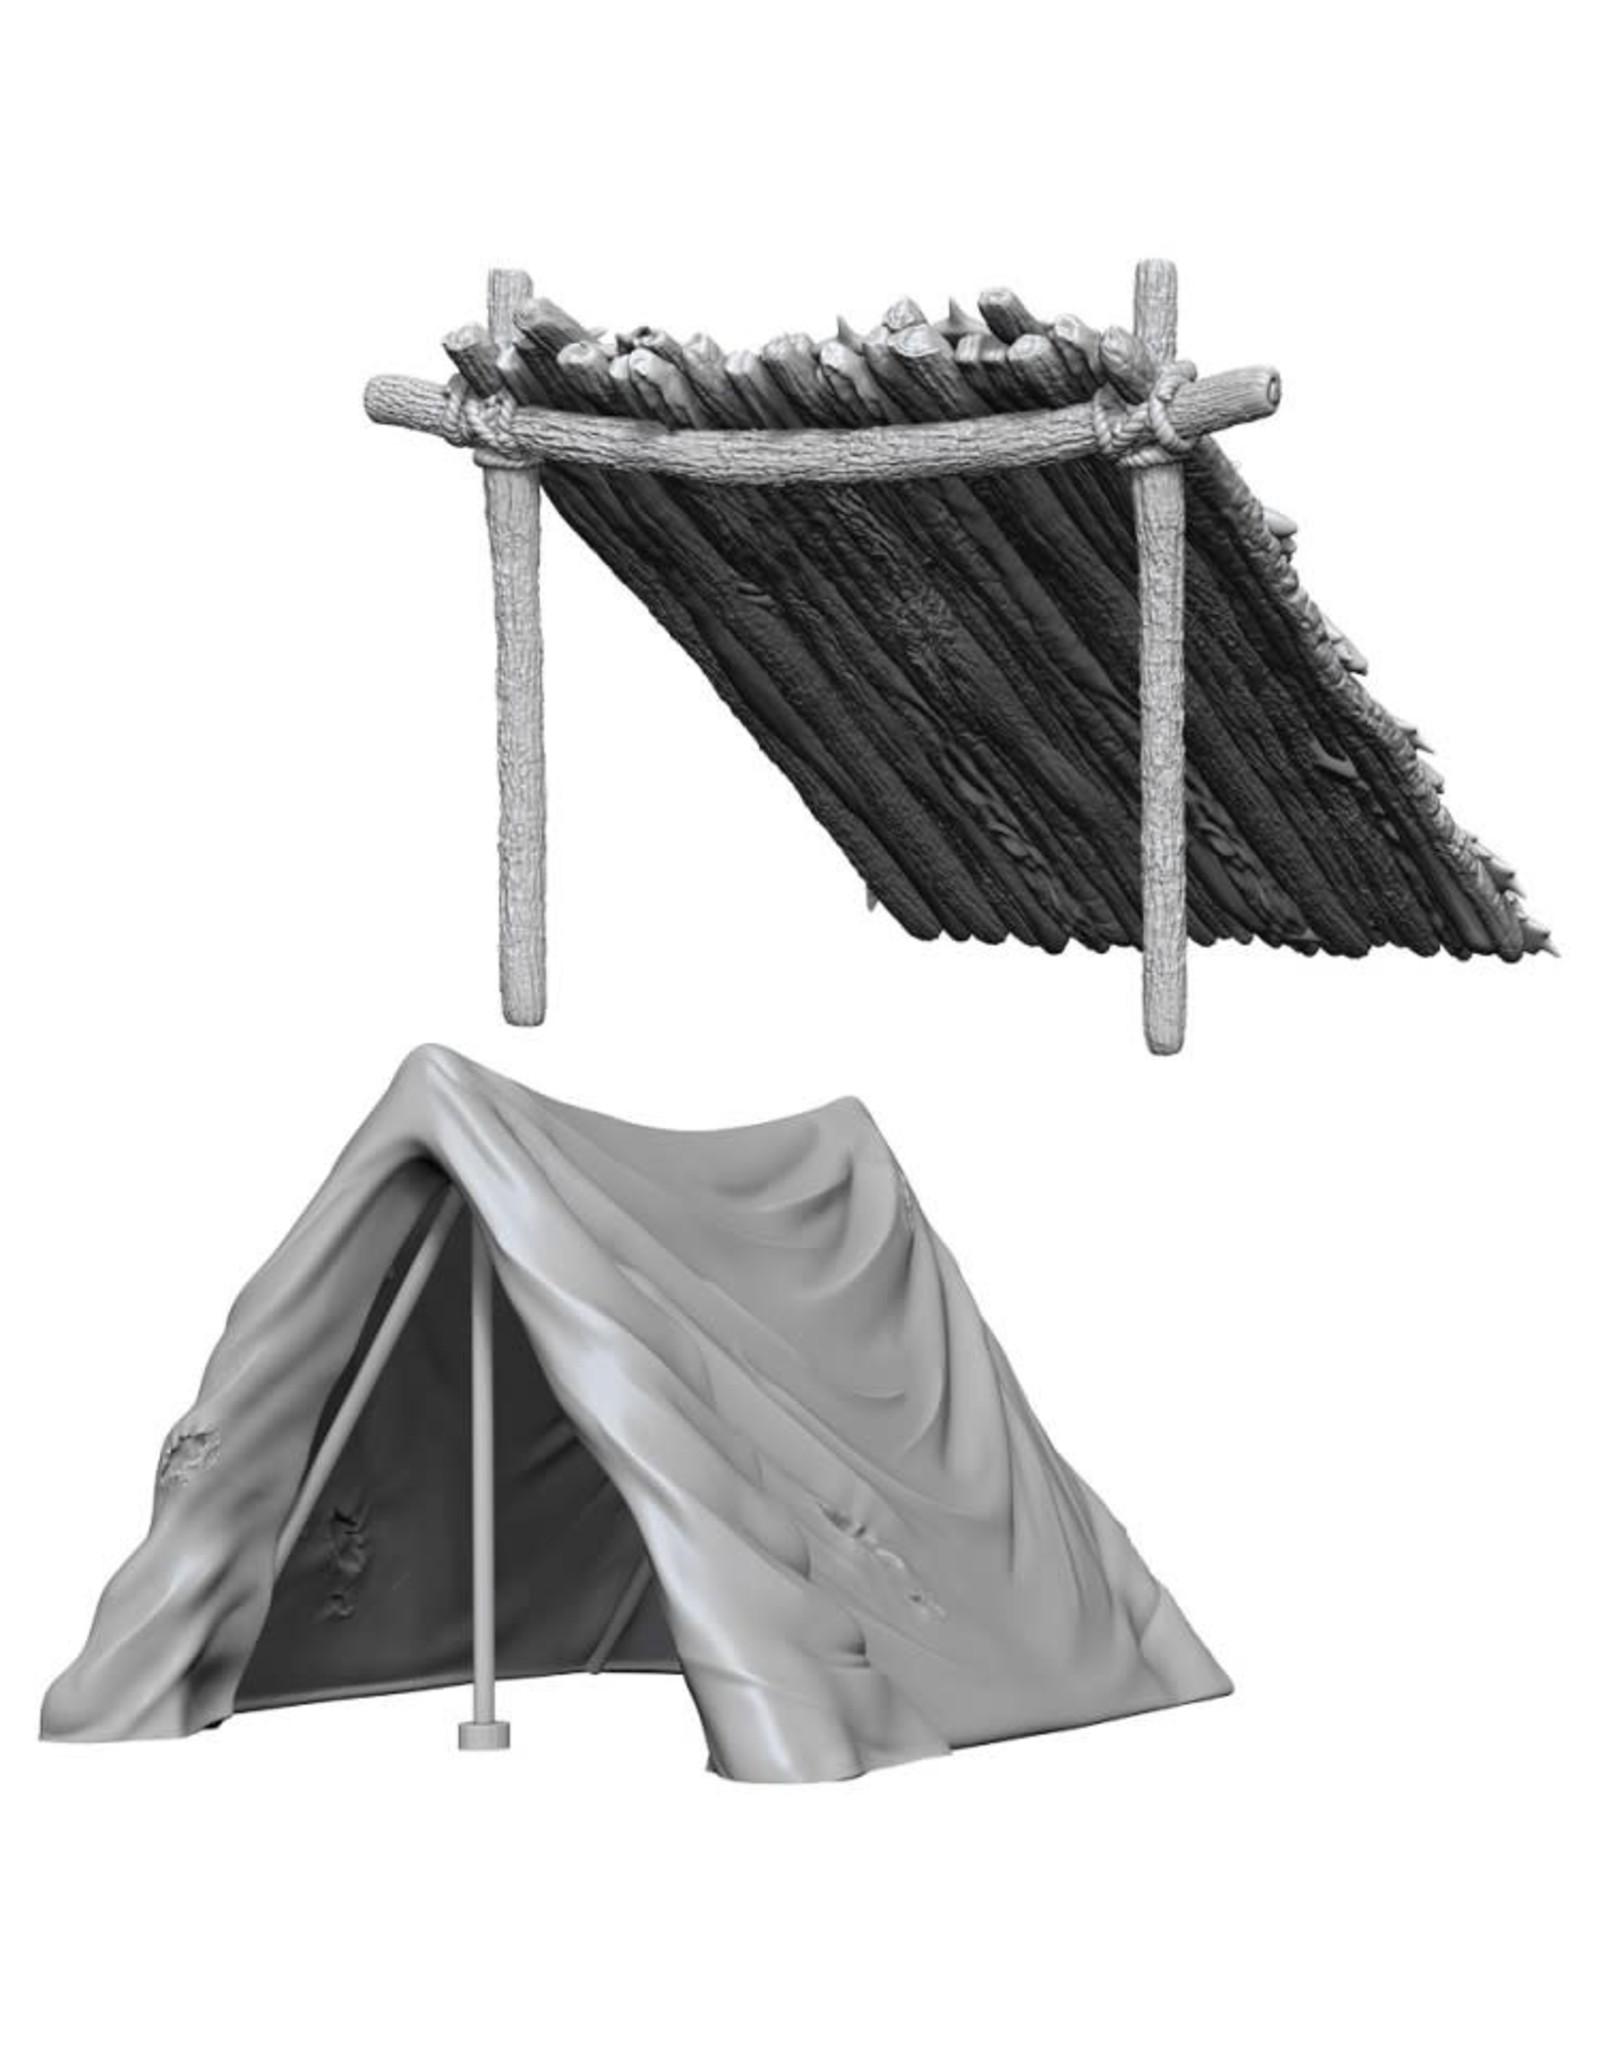 WizKids D&D Minis (unpainted): Tent & Lean-To Wave 10, 73858